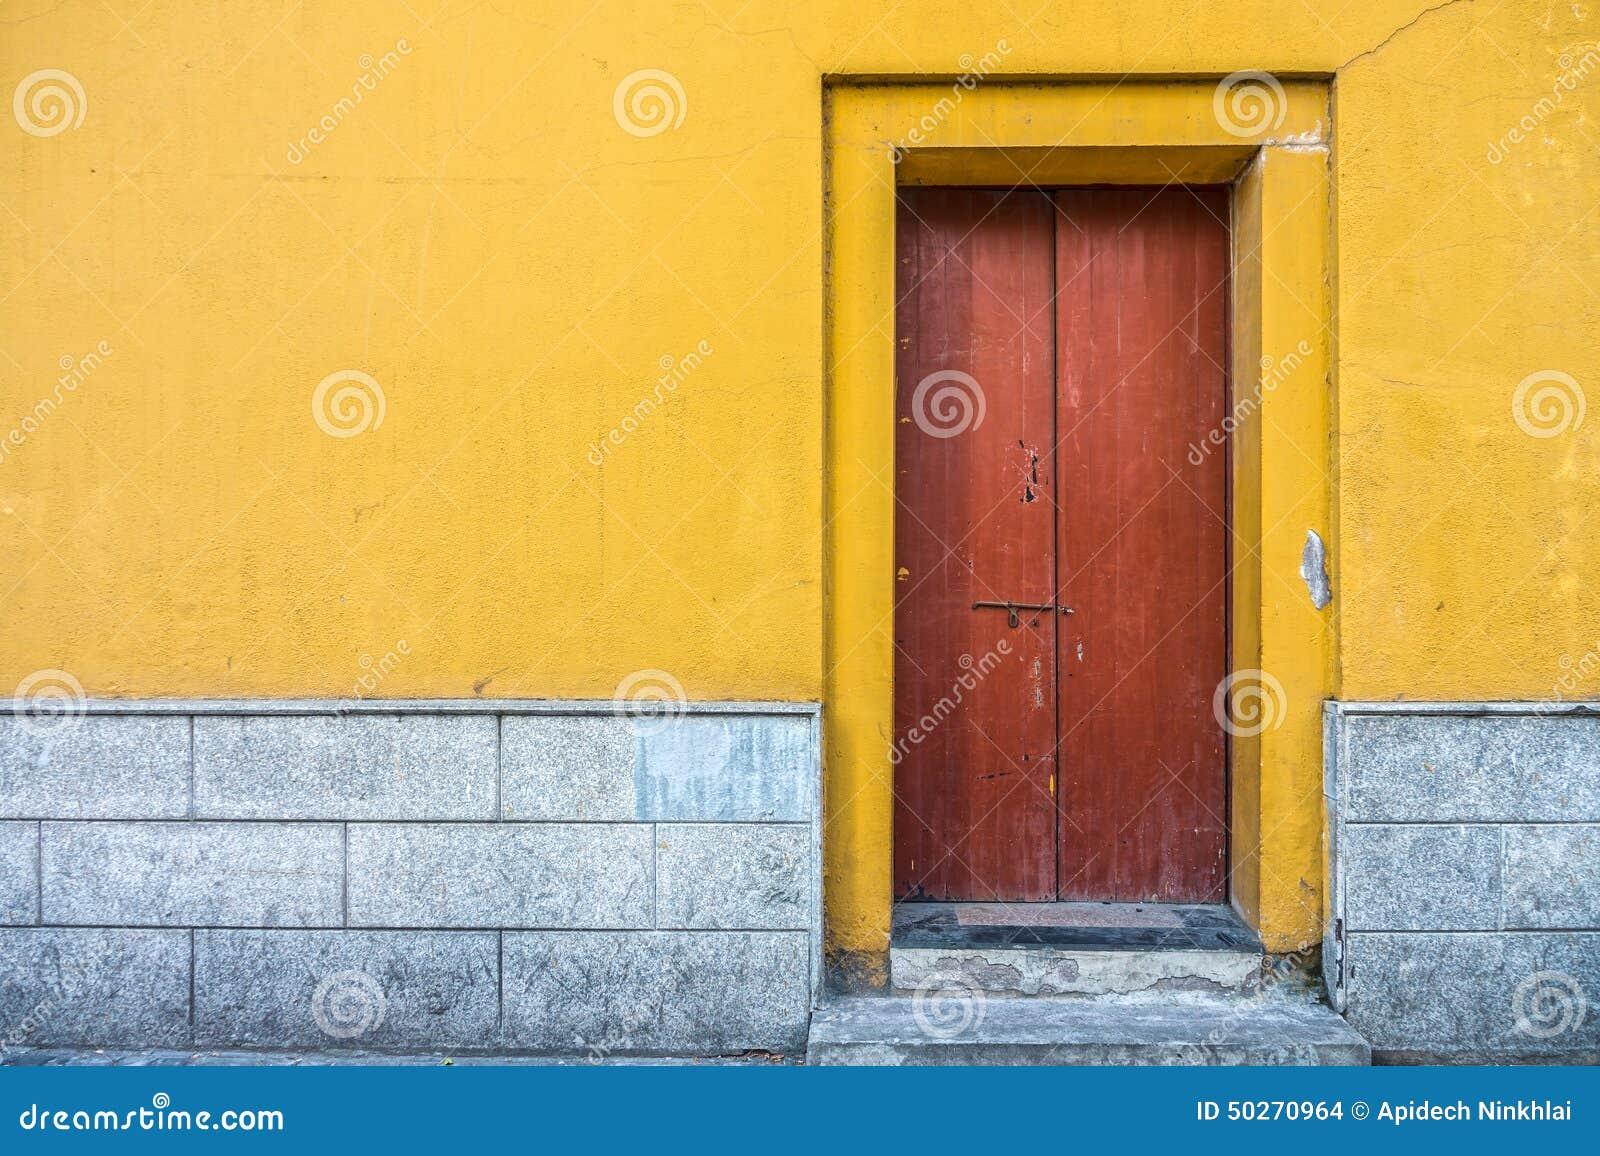 Edificio del vintage con la puerta de madera roja y el - Muro de madera ...